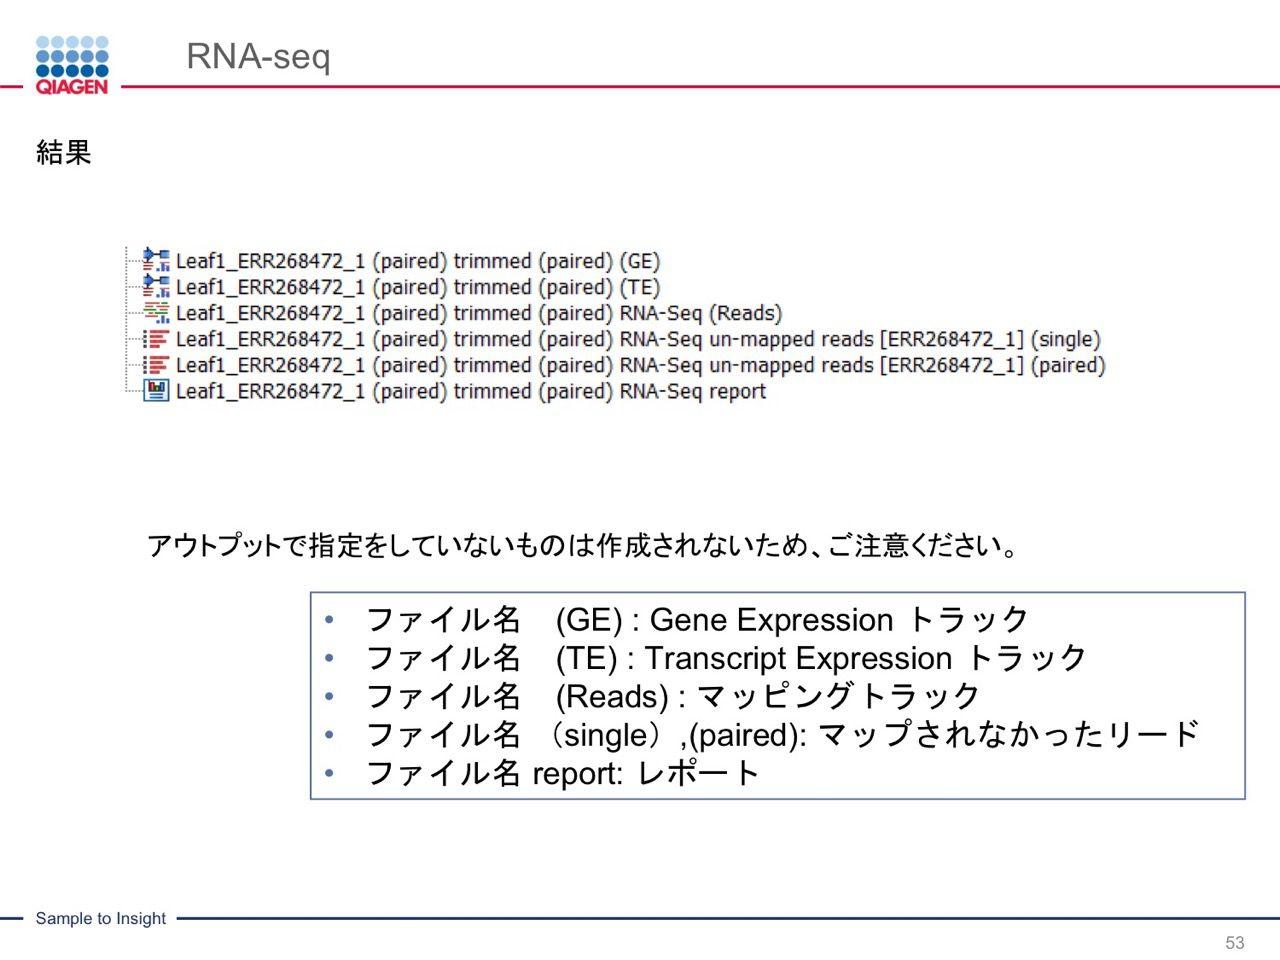 images/AJACSa2_miyamoto_053.jpg